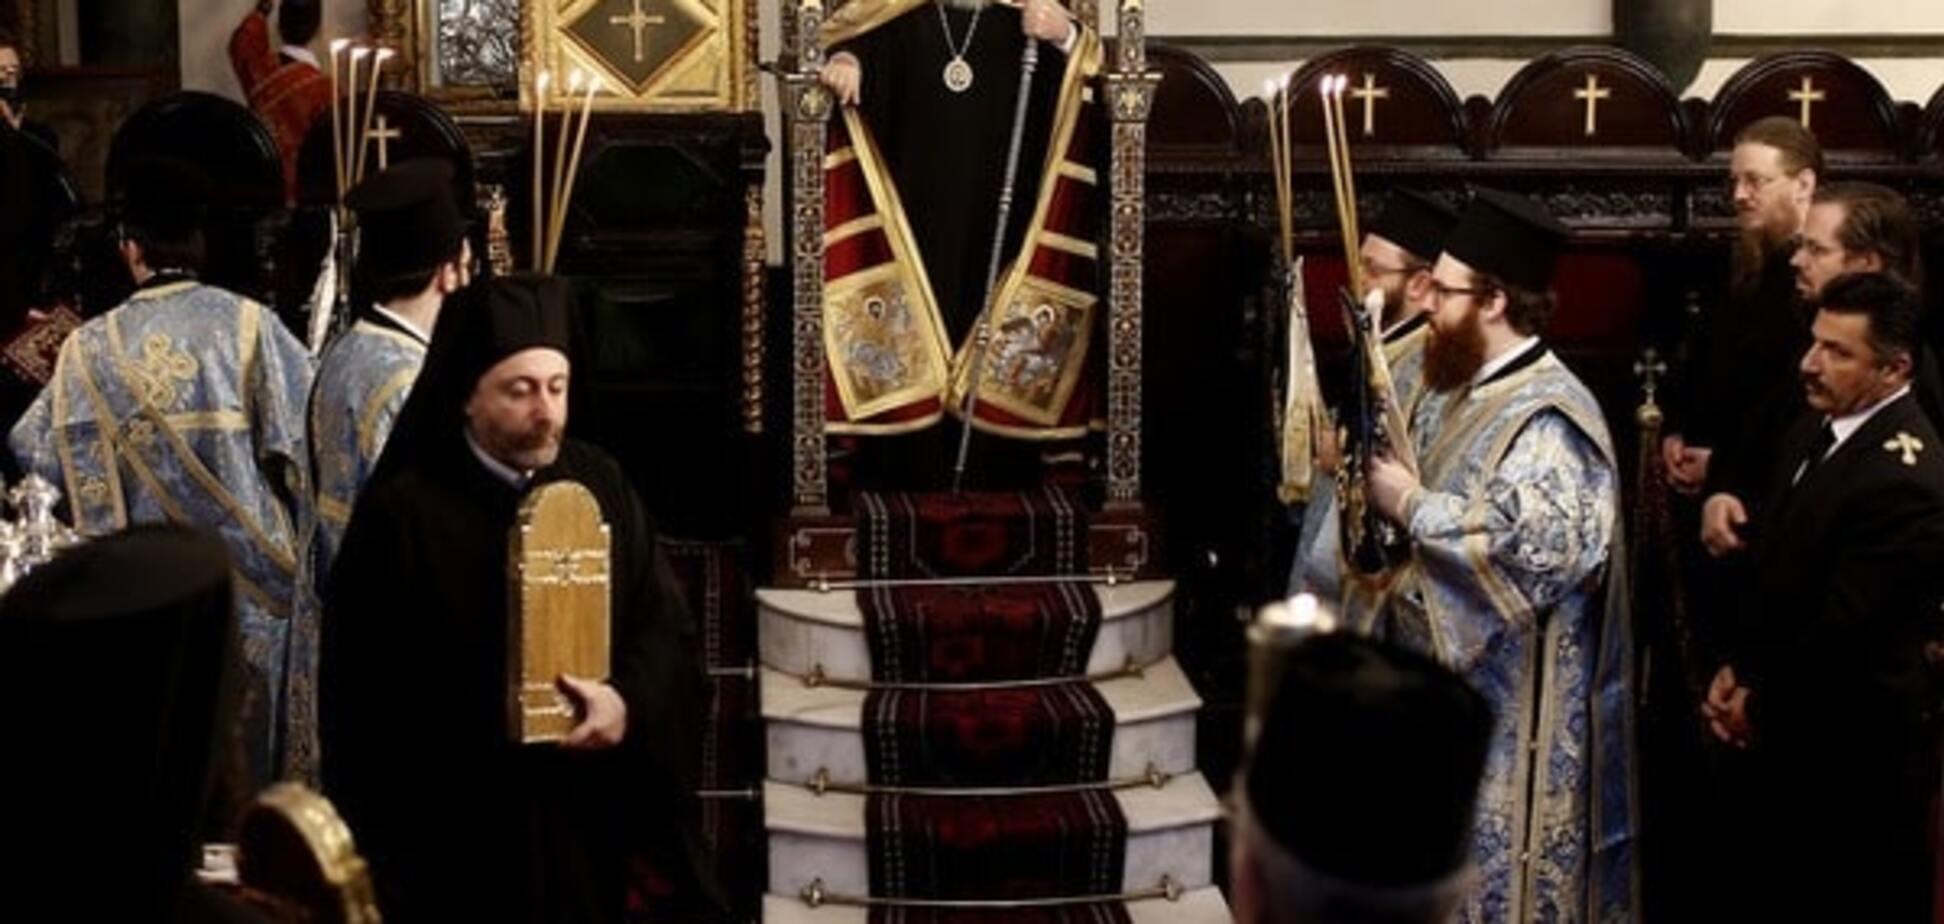 Собраться раз в 1200 лет: эксперт предупредил о возможном срыве Всеправославного собора